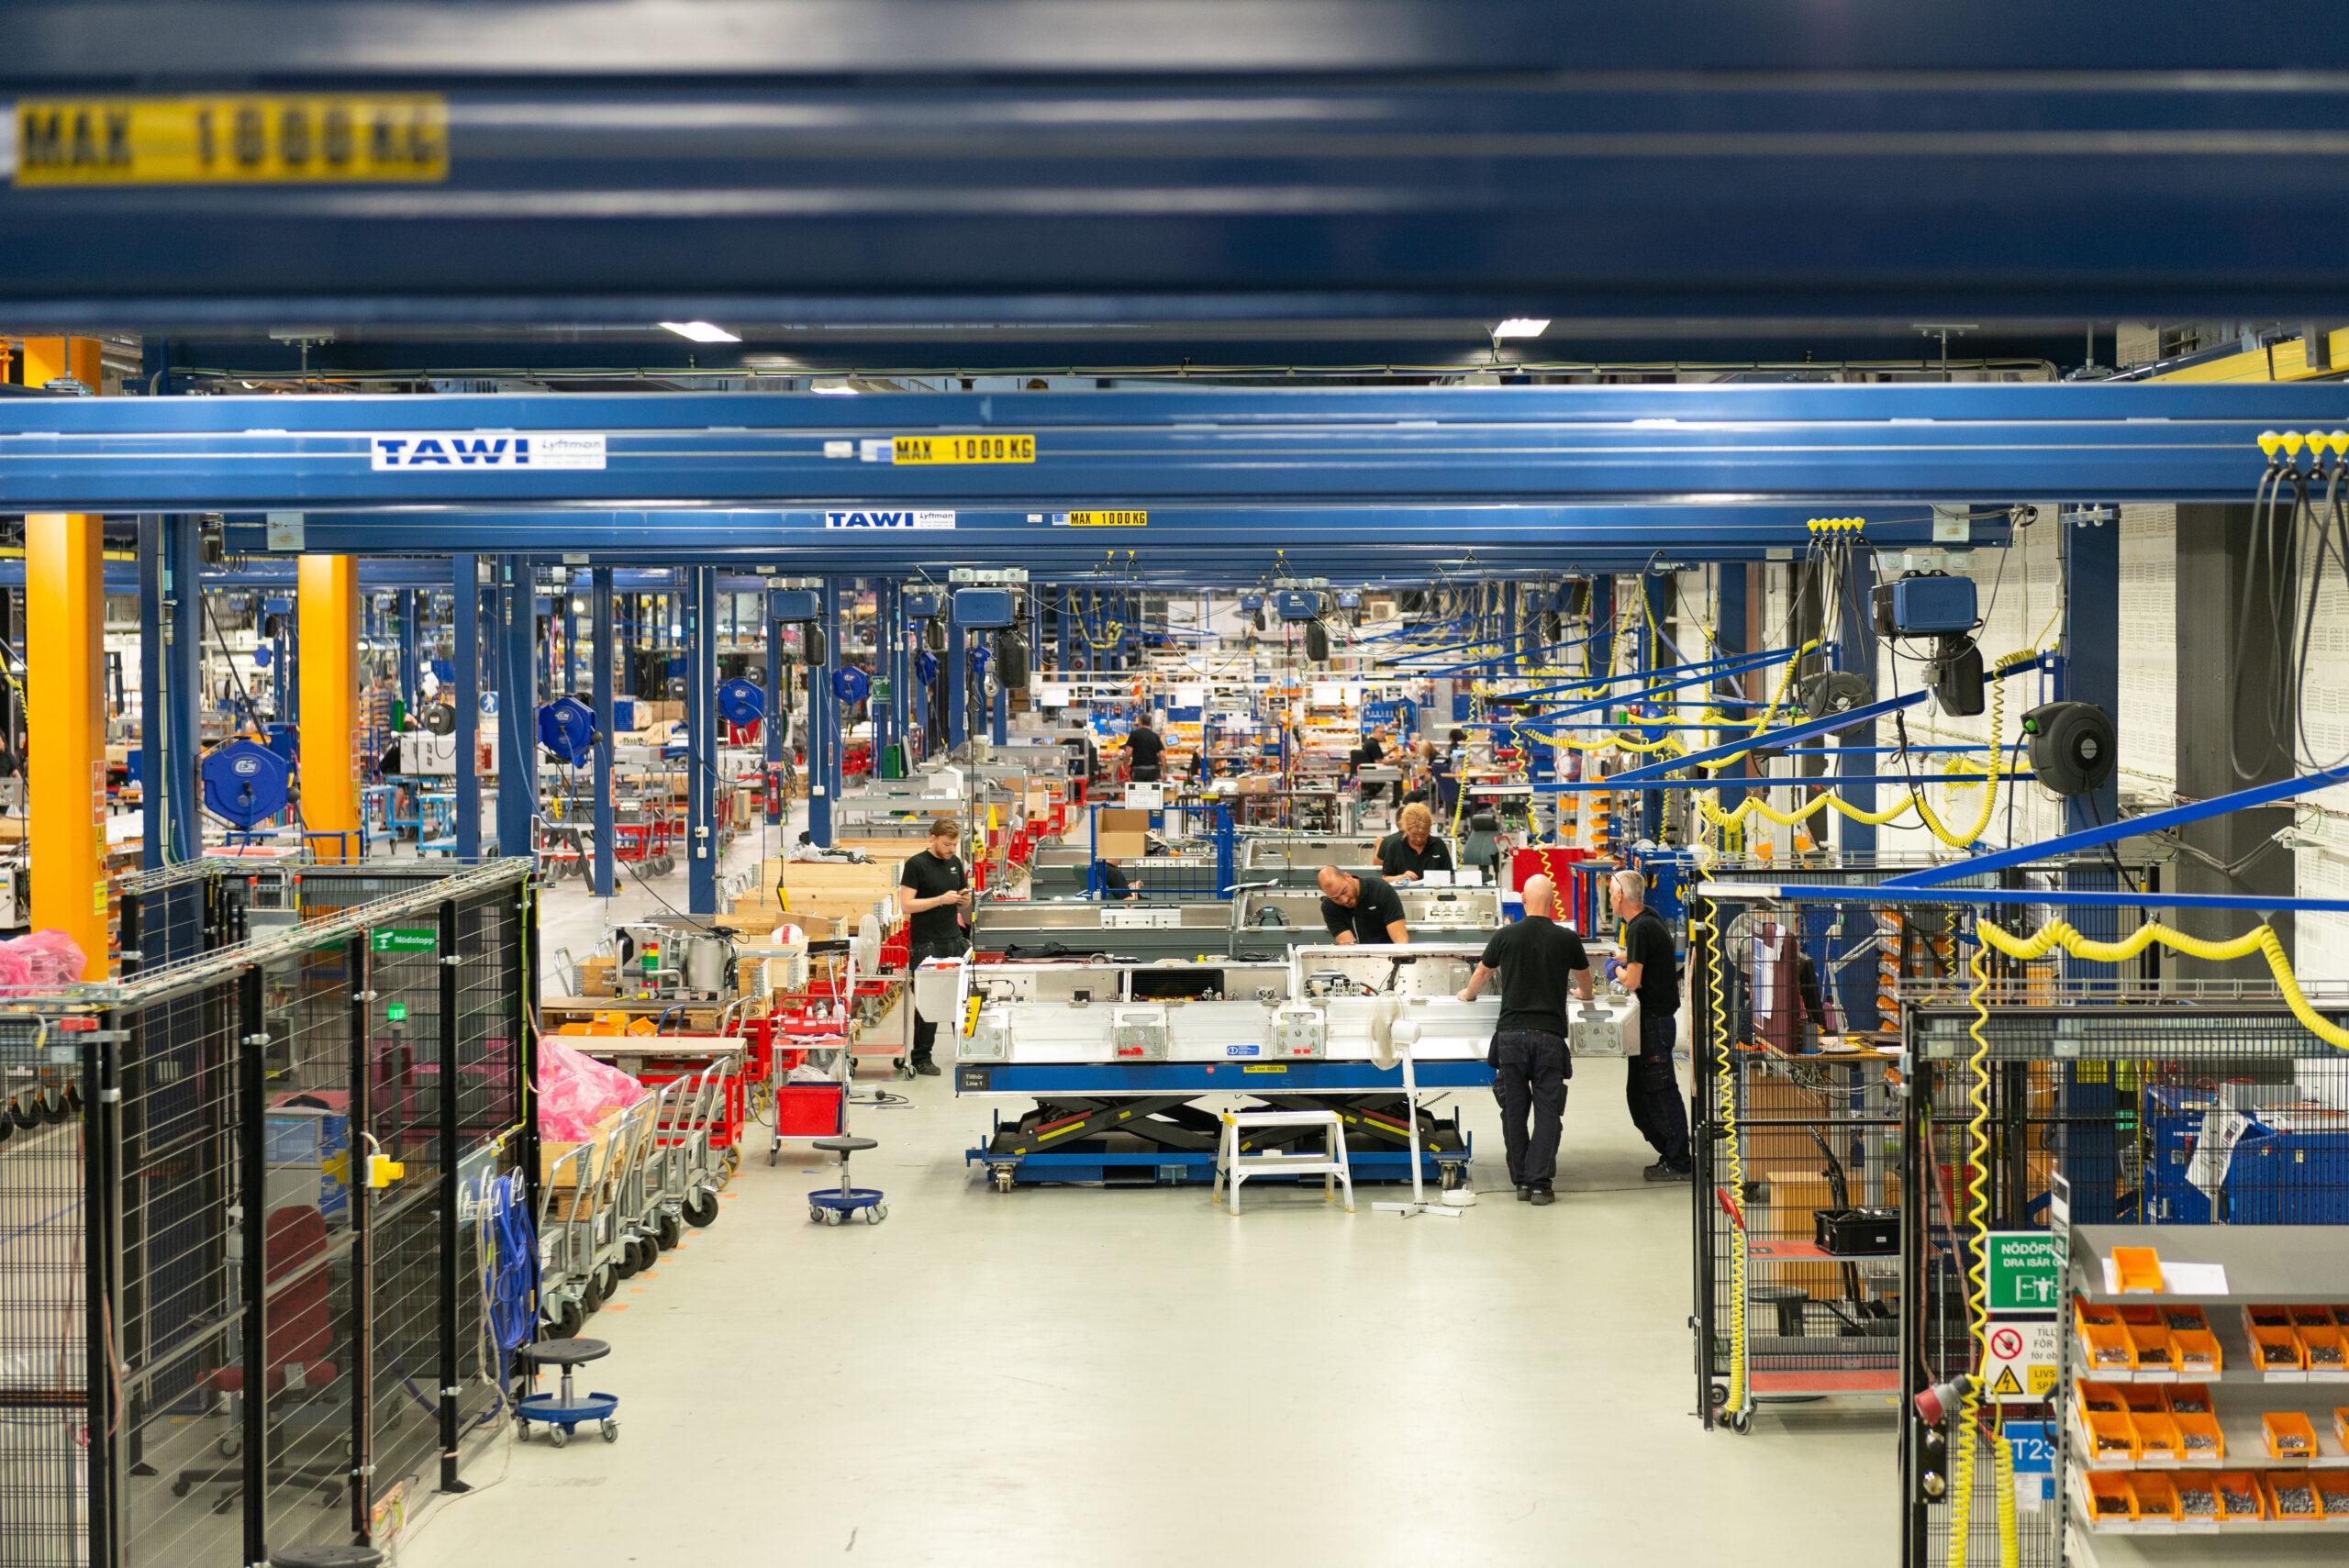 Bombardier's production facility in Västerås